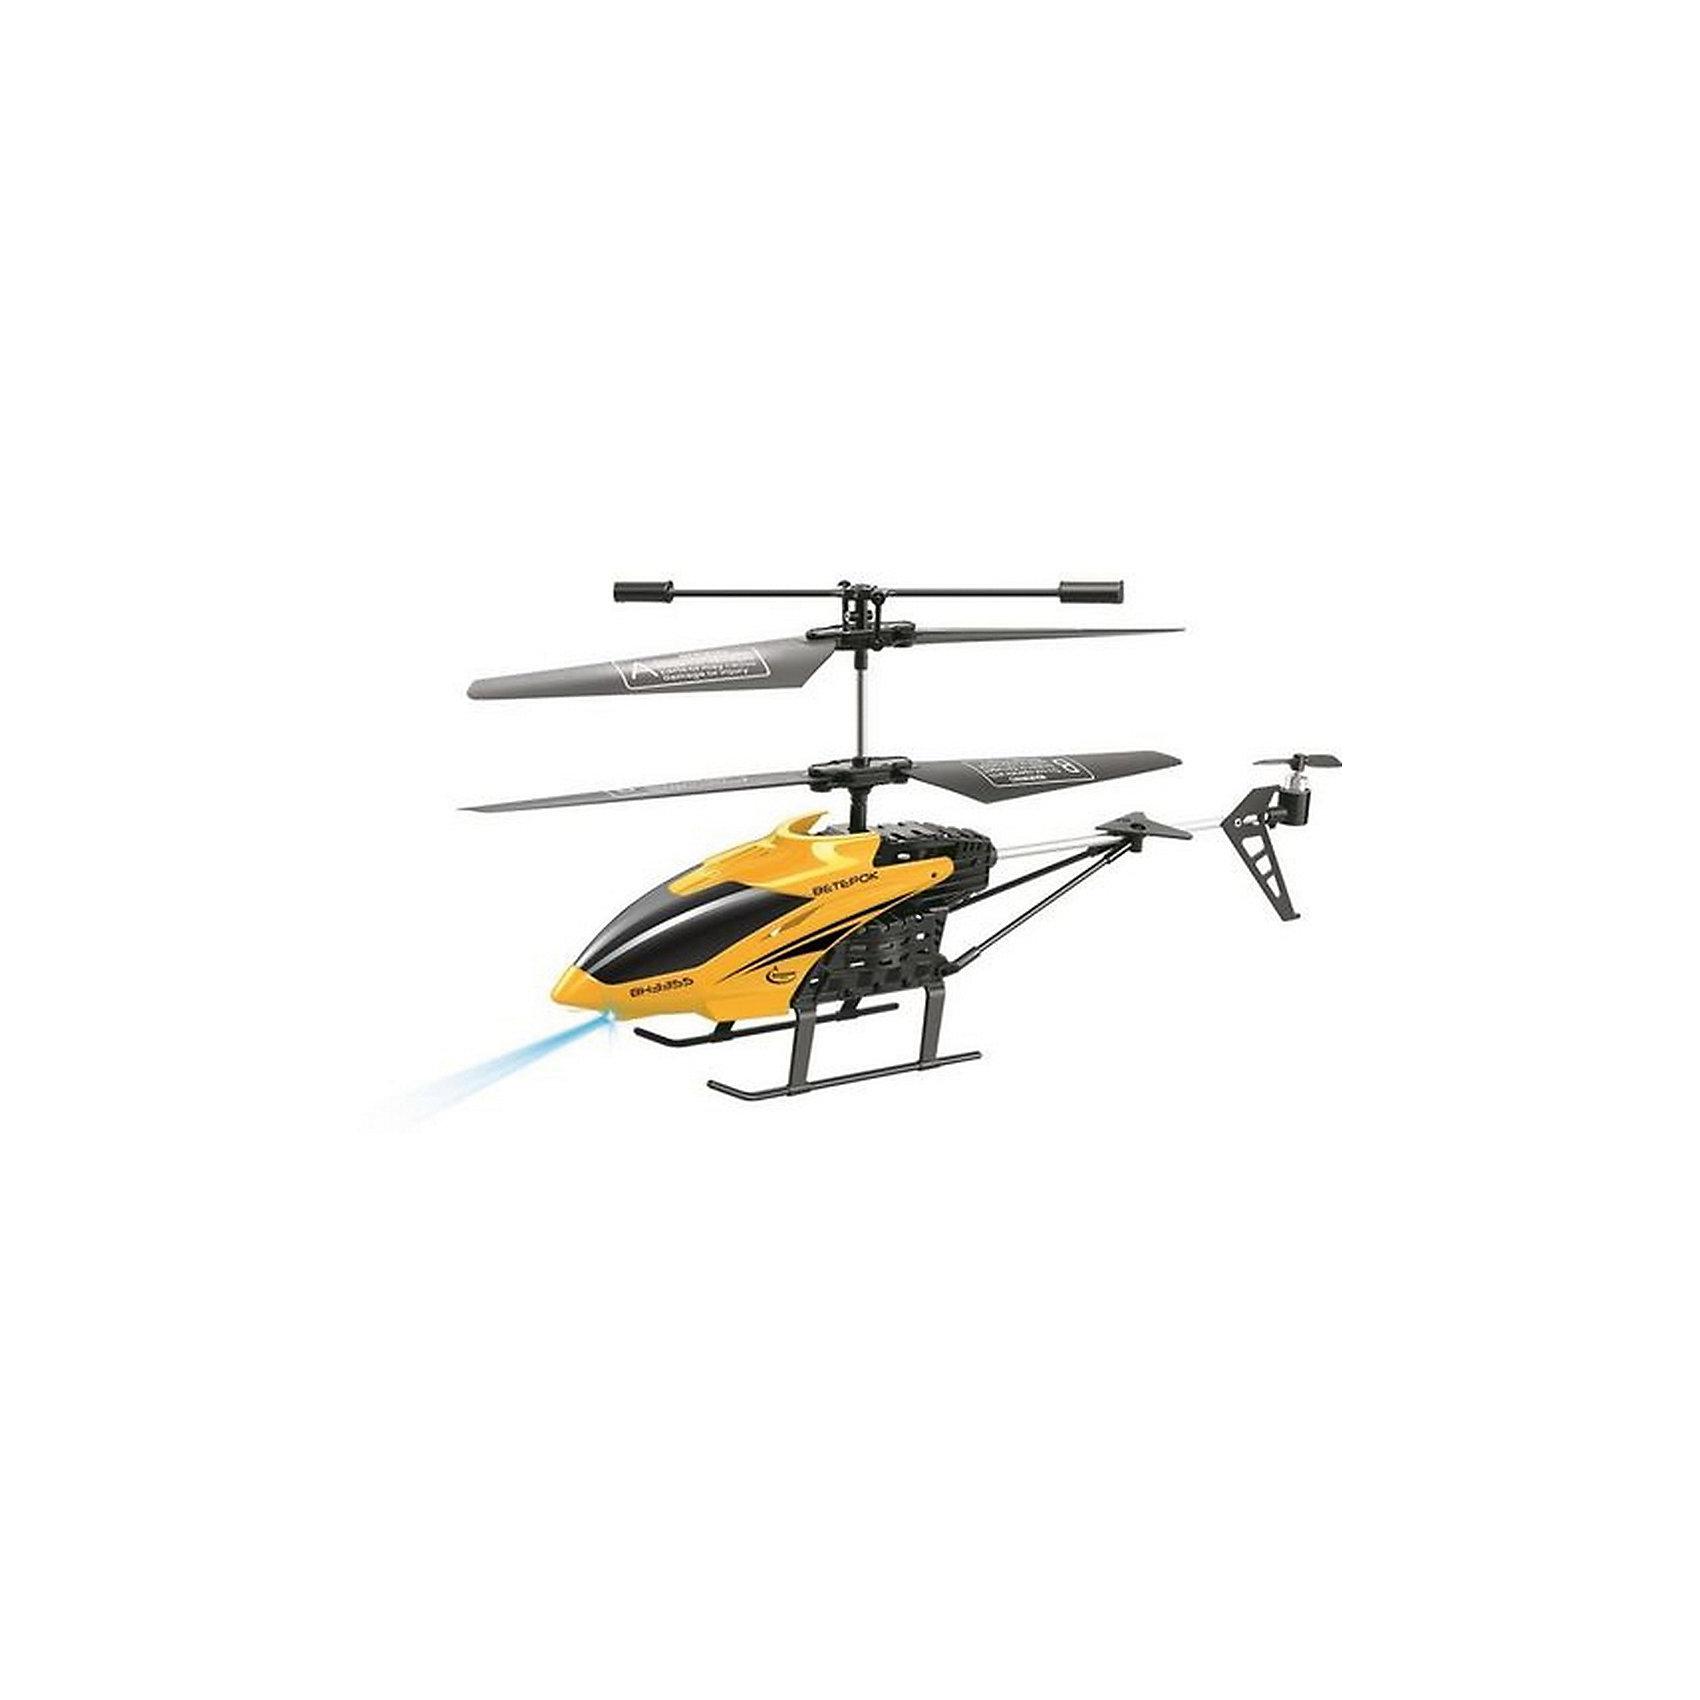 Вертолет на р/у Ветерок, желтый, Властелин небесРадиоуправляемый транспорт<br>Вертолет на р/у Ветерок, желтый, Властелин небес<br><br>Характеристики:<br><br>• летает вверх, вниз, влево и вправо<br>• поворачивается, вращается и зависает в воздухе<br>• яркий прожектор<br>• встроенный гироскоп<br>• устойчив к повреждениям<br>• время игры: 7 минут<br>• время зарядки: 30 минут<br>• размер игрушки: 23х5х12 см<br>• размер пульта: 13х11х5 см<br>• радиус действия: 10 метров<br>• в комплекте: вертолет, пульт управления, зарядное устройство, инструкция<br>• батарейки: АА - 6 шт. (не входят в комплект)<br>• размер упаковки: 44х17х8 см<br>• вес: 540 грамм<br>• цвет: желтый<br><br>Вертолет Ветерок - прекрасный подарок для детей и взрослый. Вертолет управляется с помощью пульта и умеет летать вправо, влево, вверх и вниз. Ветерок разворачивается, вращается, а благодаря встроенному гироскопу, парит в воздухе. Прочная конструкция защищает игрушку от повреждений при случайных падениях. Яркий светящийся прожектор освещает путь вертолета в темноте. Выглядит это очень завораживающе! Время работы игрушки при полной зарядке около 10 минут. Зарядите вертолет в течение получайся и наслаждайтесь прекрасным 3D полетом Ветерка!<br>Для работы необходимы 6 батареек АА (не входят в комплект).<br><br>Вертолет на р/у Ветерок, желтый, Властелин небес вы можете купить в нашем интернет-магазине.<br><br>Ширина мм: 75<br>Глубина мм: 430<br>Высота мм: 170<br>Вес г: 575<br>Возраст от месяцев: 144<br>Возраст до месяцев: 2147483647<br>Пол: Мужской<br>Возраст: Детский<br>SKU: 5397104